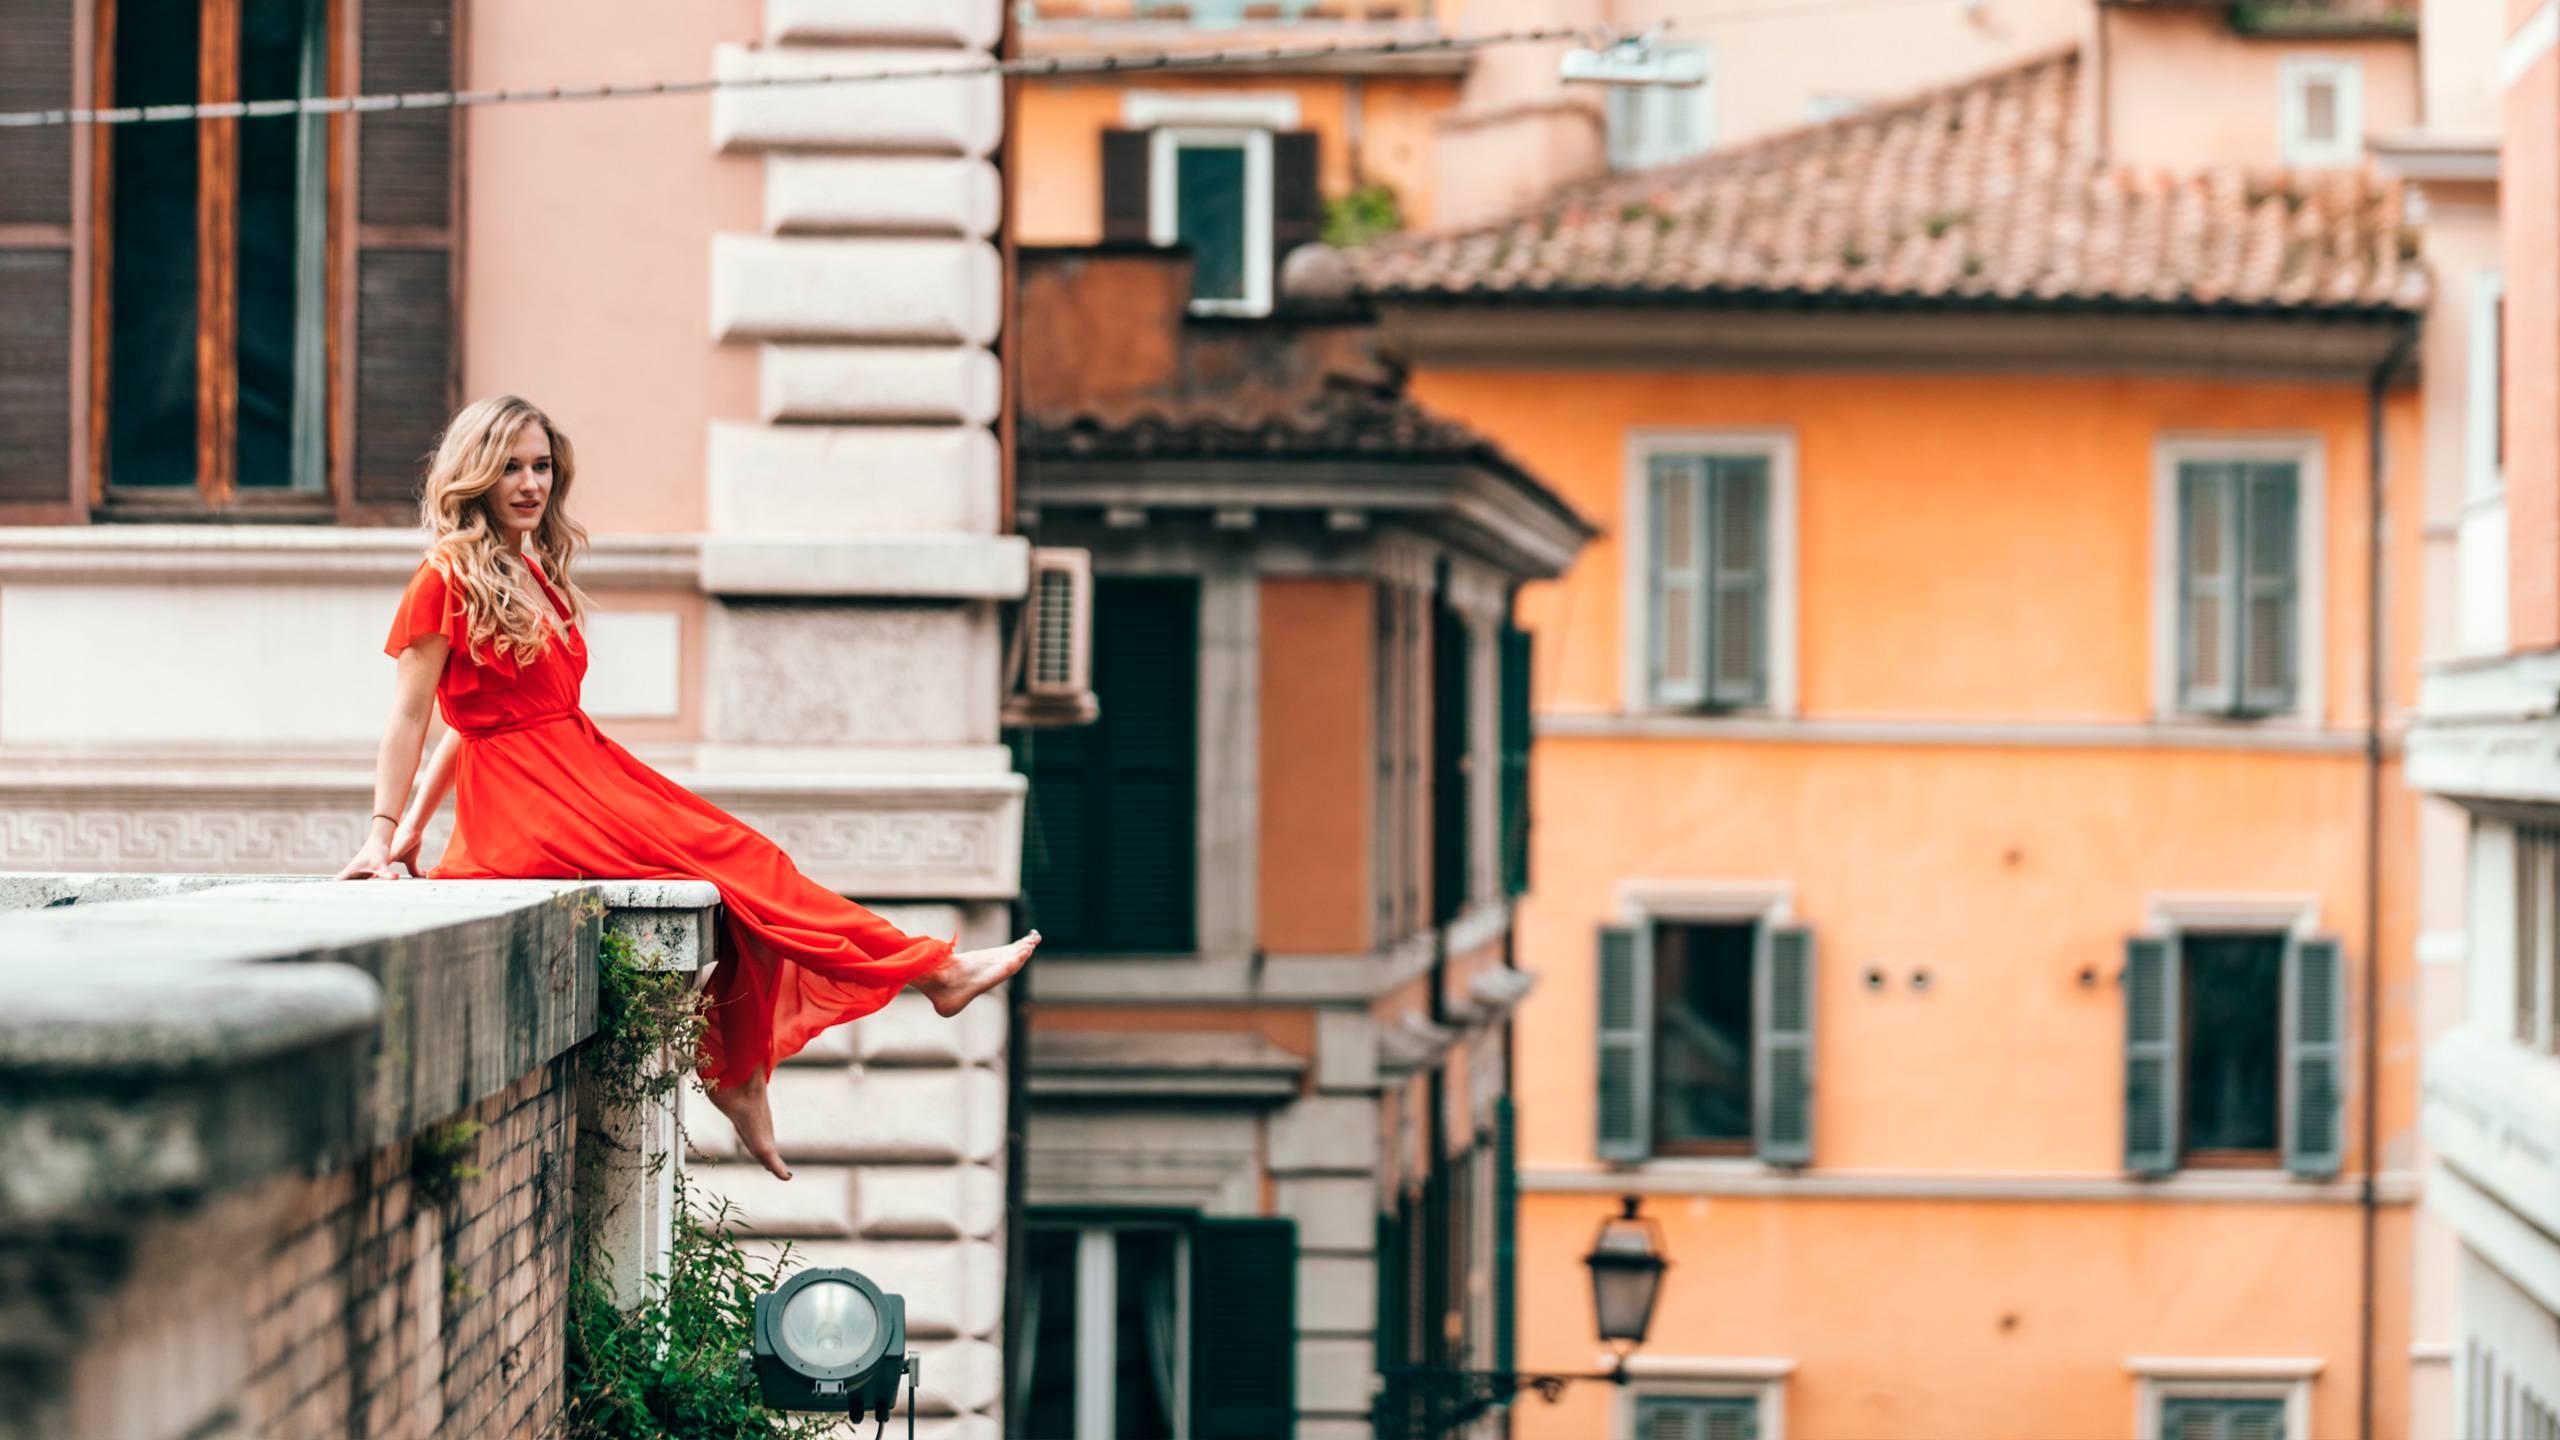 Hotel-Trastevere-Roma-Donna-In-Rosso